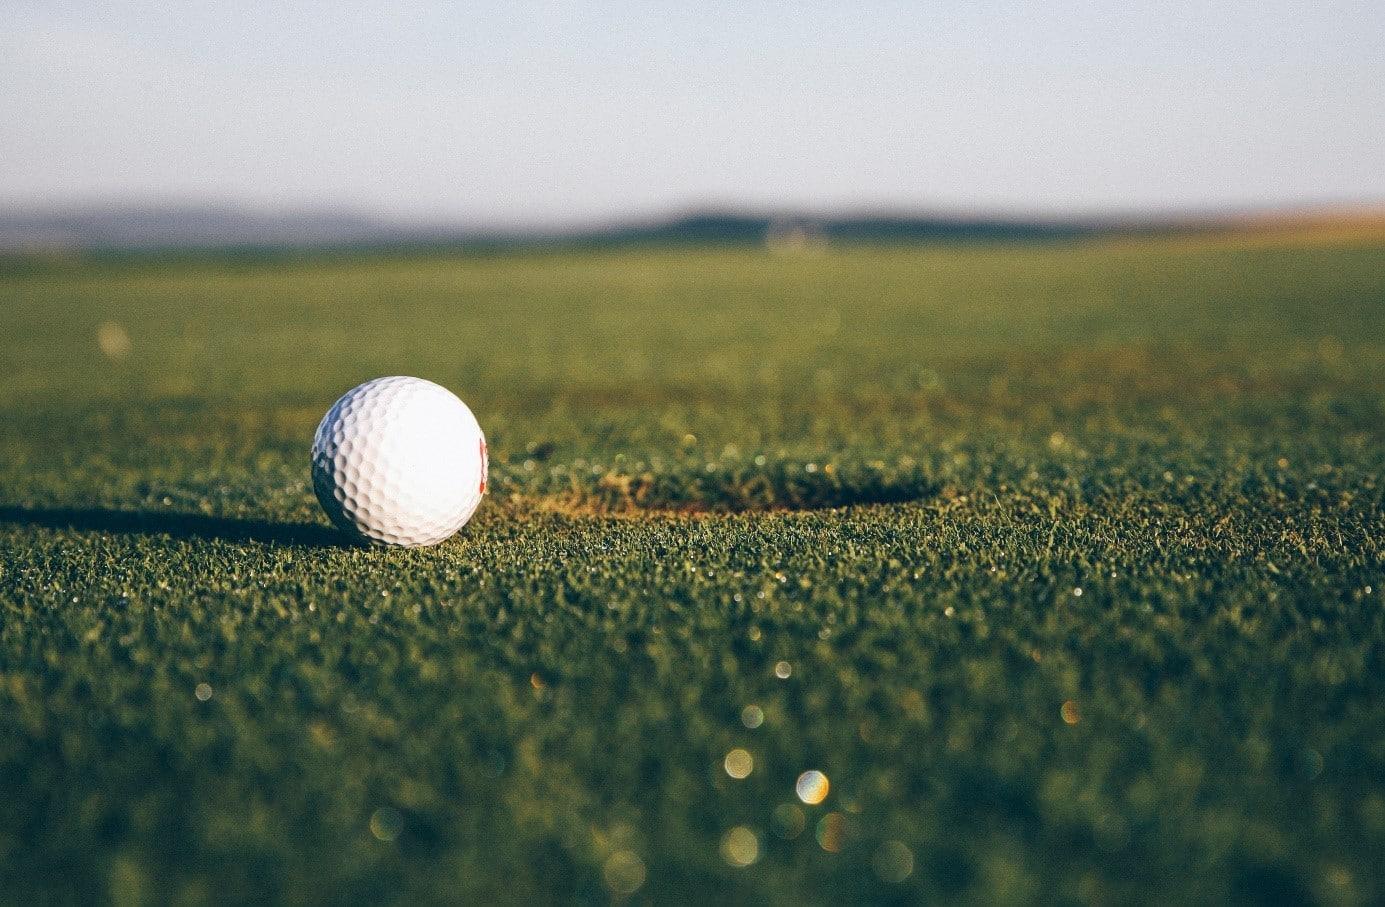 Le-golf-passion-japonaise